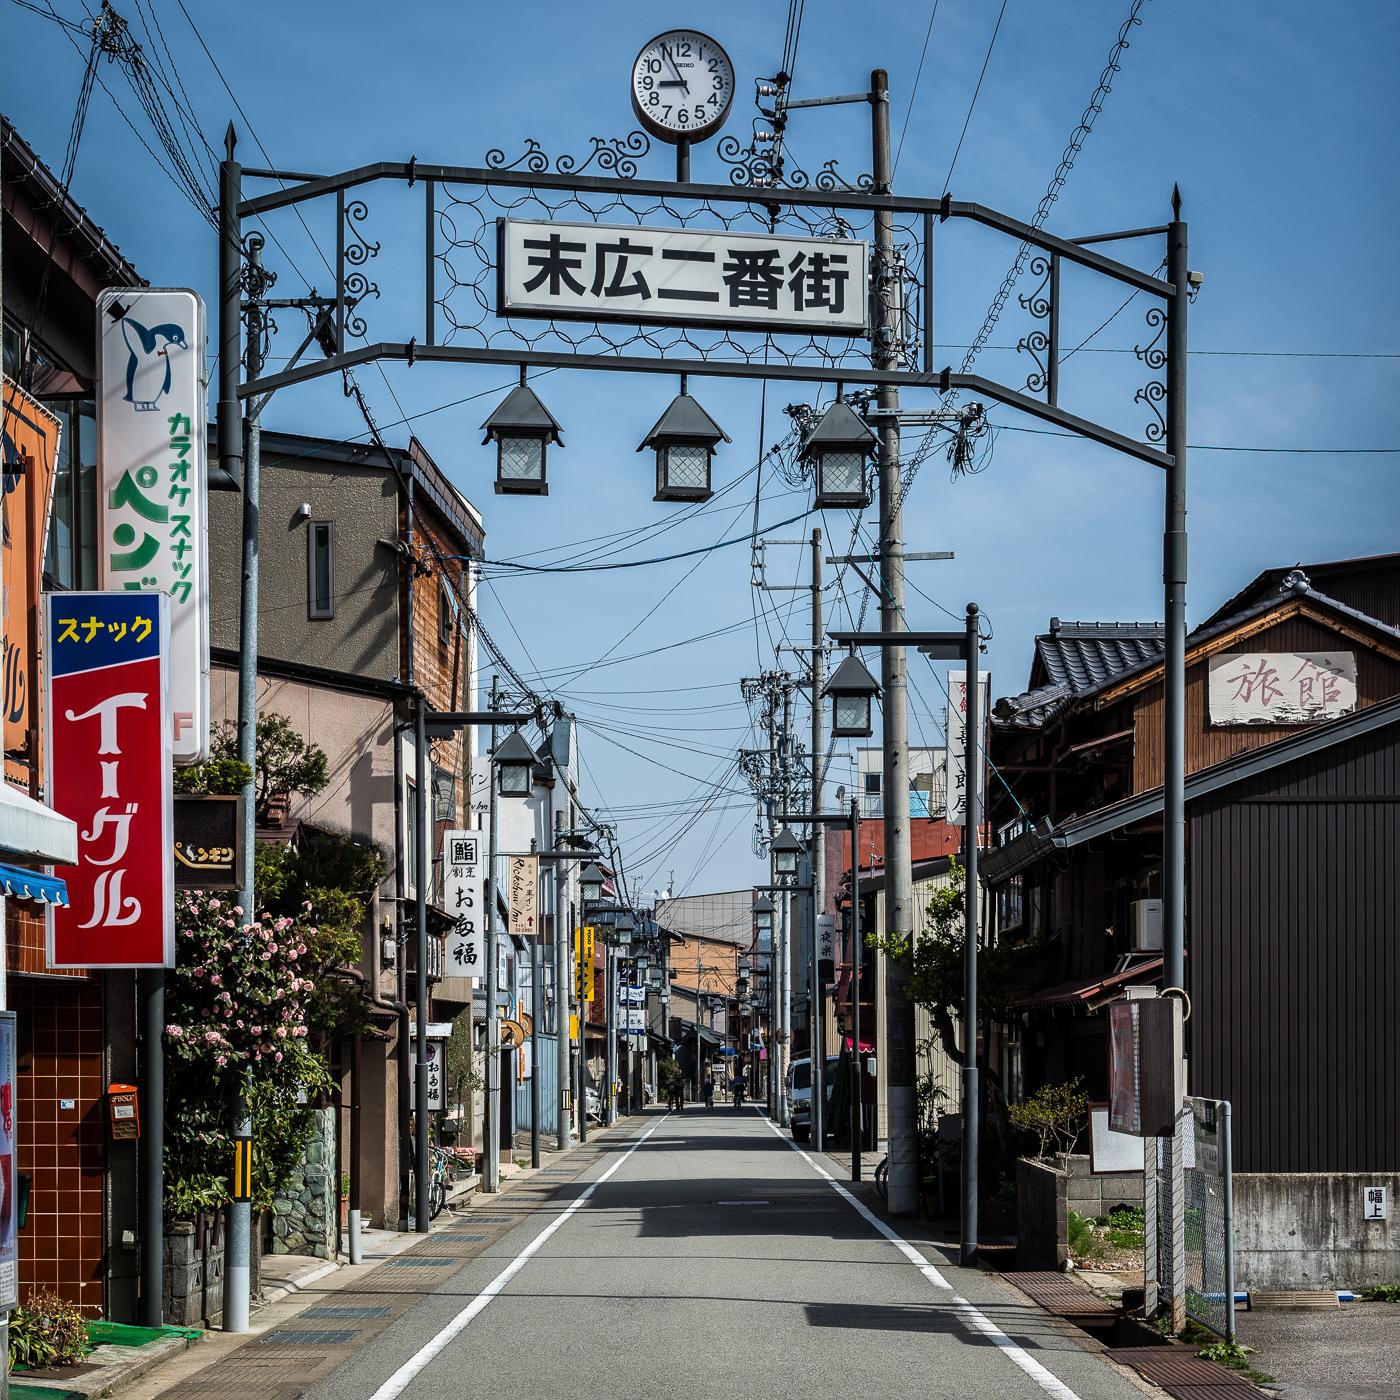 Japan Modern 10 | © Peter Berlinghof